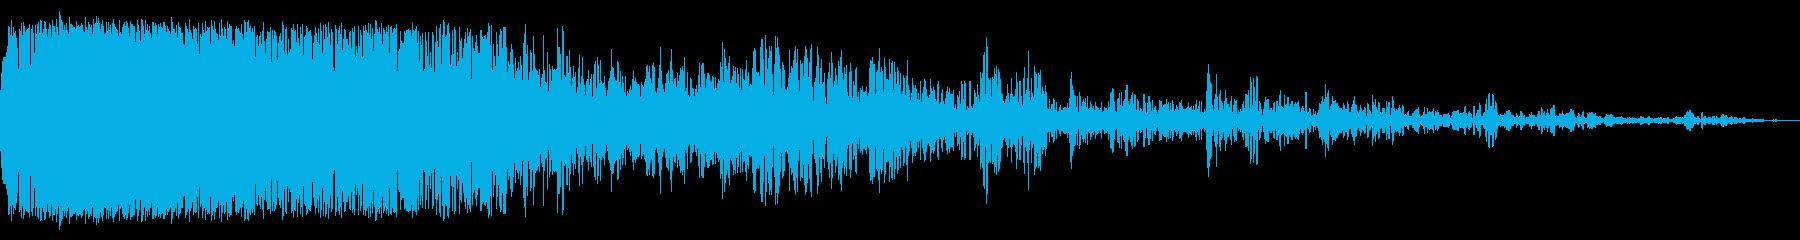 ジェット戦闘機-クラッシュ、クロー...の再生済みの波形